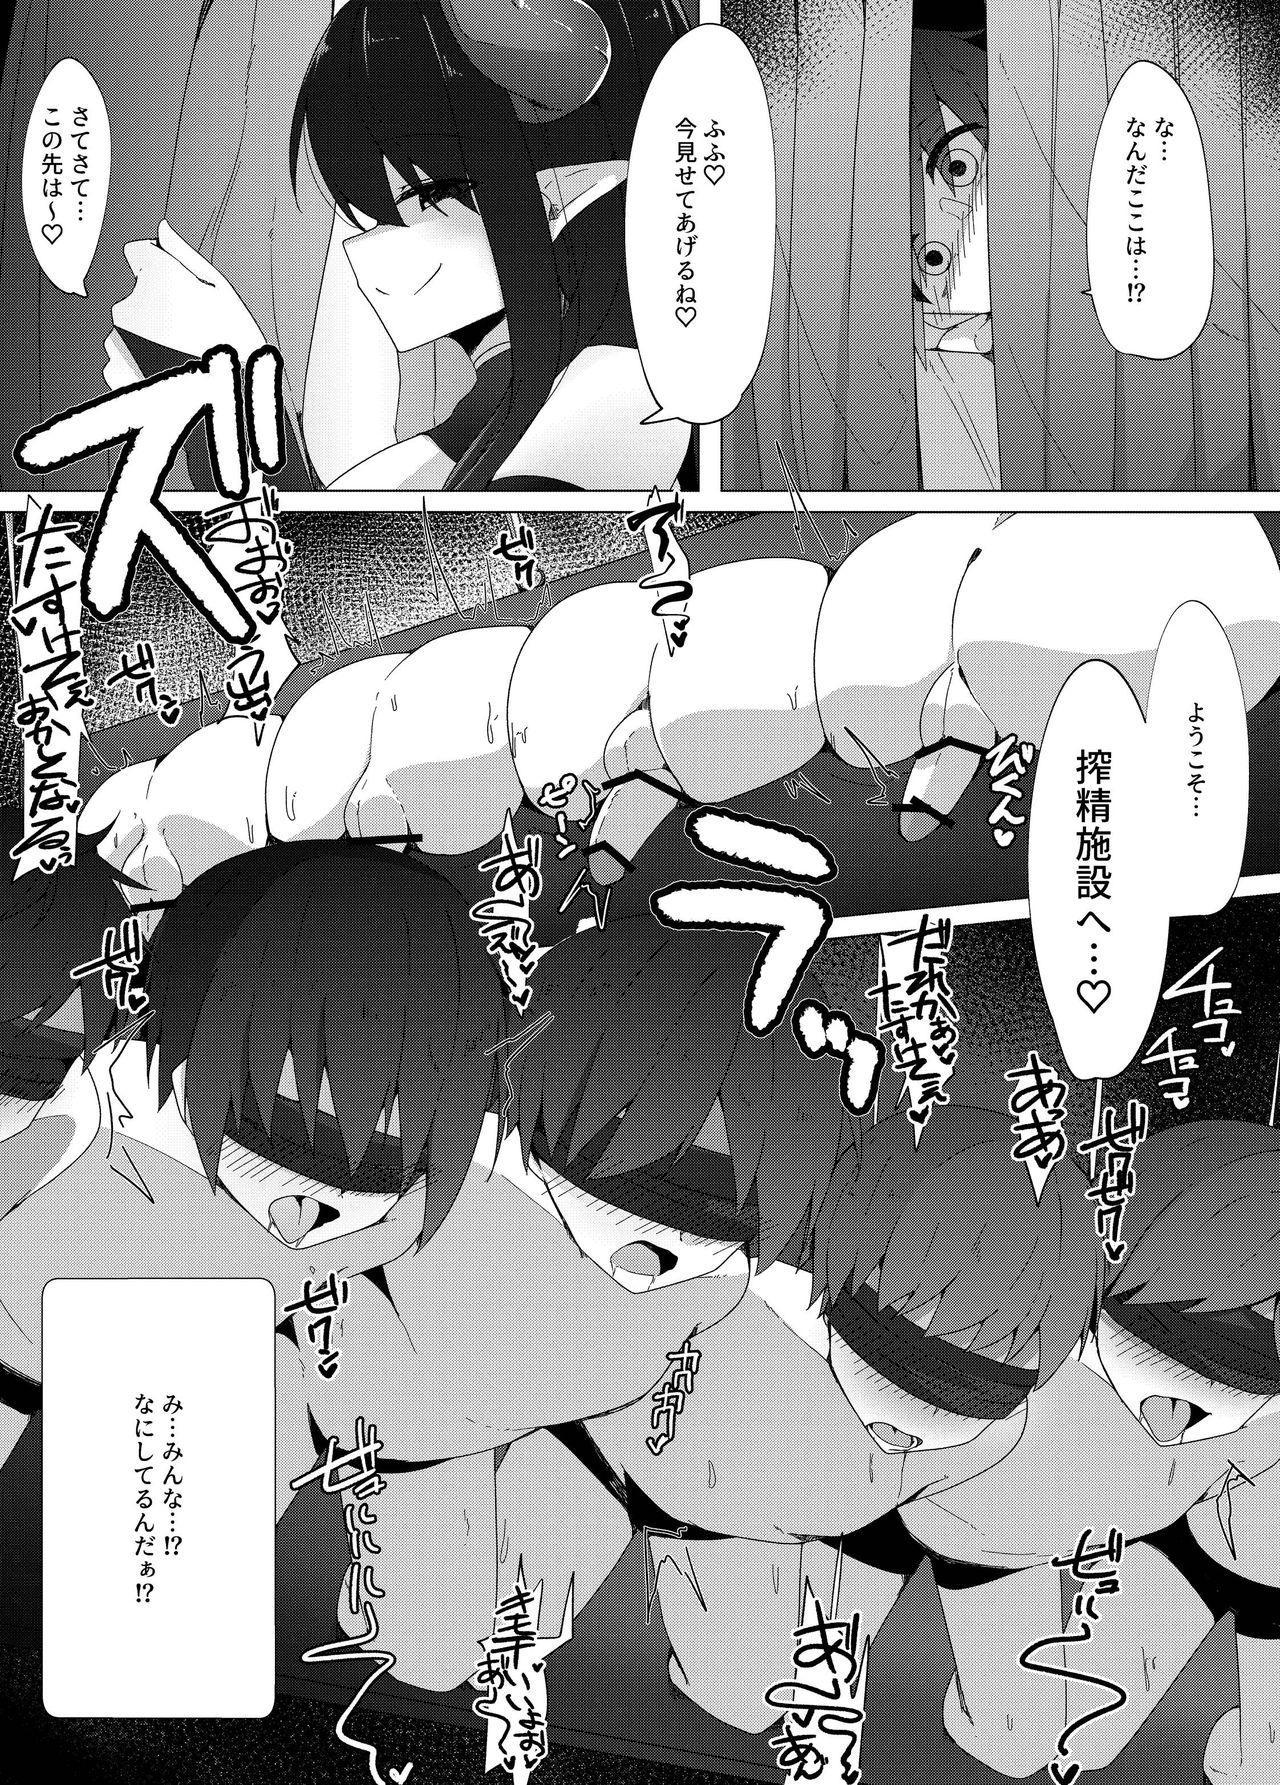 Tenkousei no Succubus ga 〇 Gakkou o Nottori Sakusei Shisetsu ni Shichau Hanashi 10